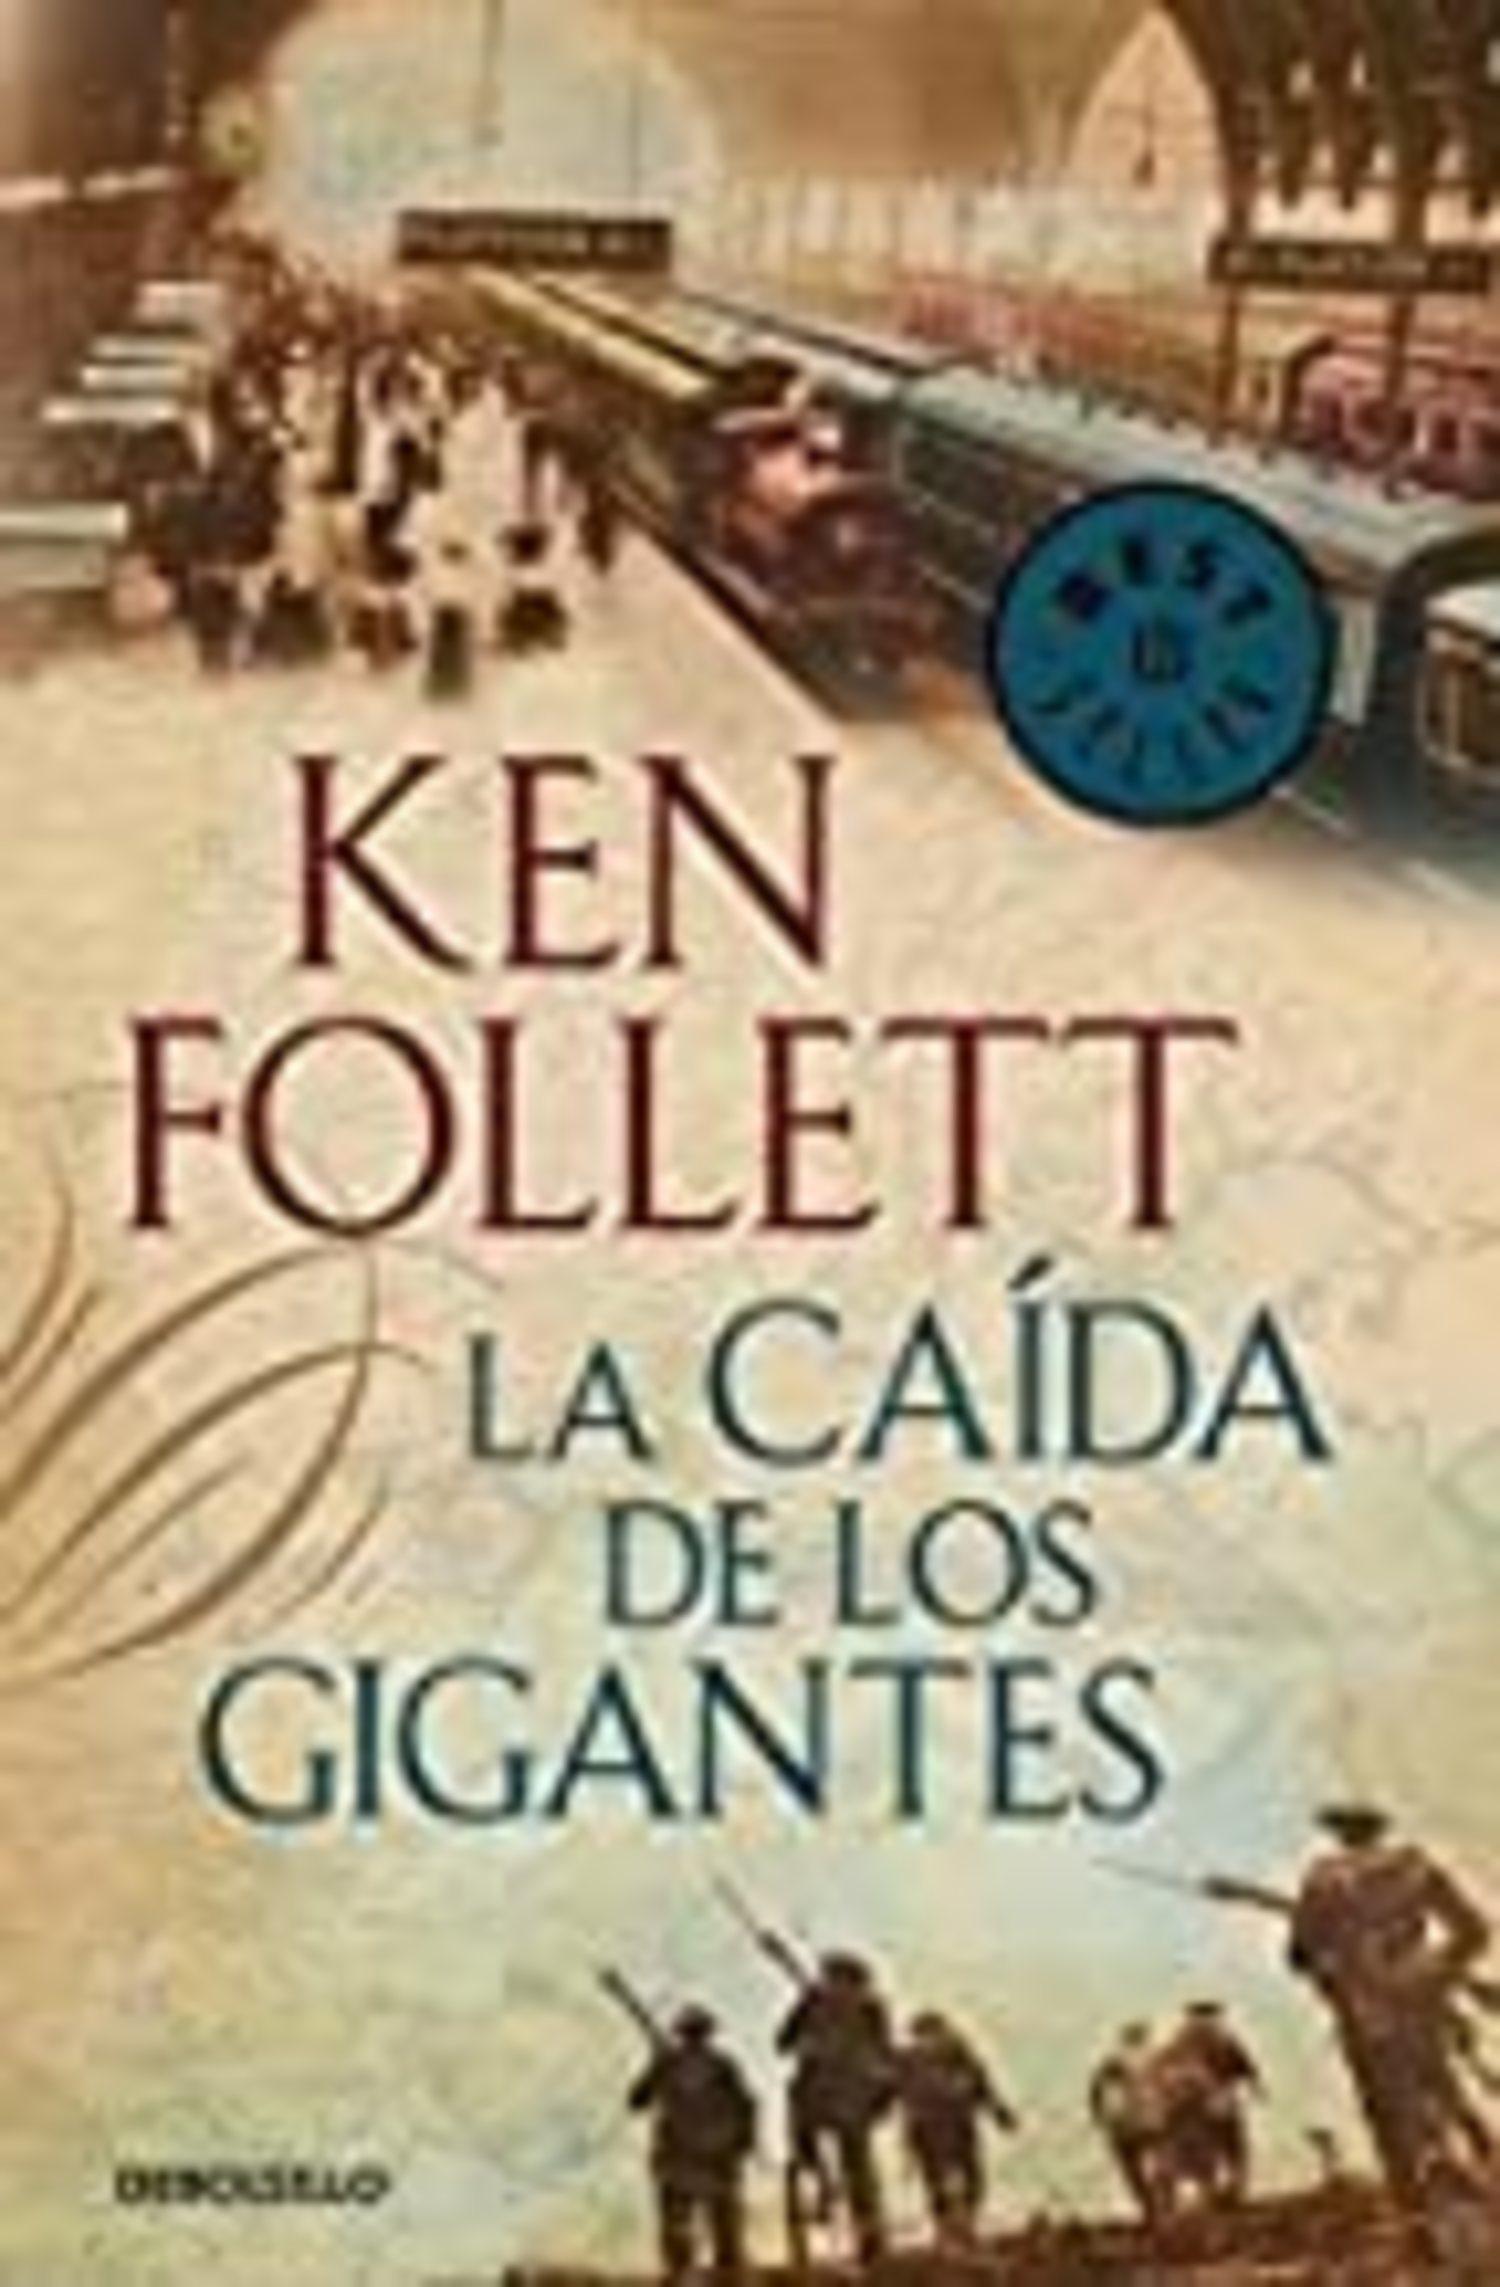 Muchos consideran a Ken Follett como su escritor favorito.